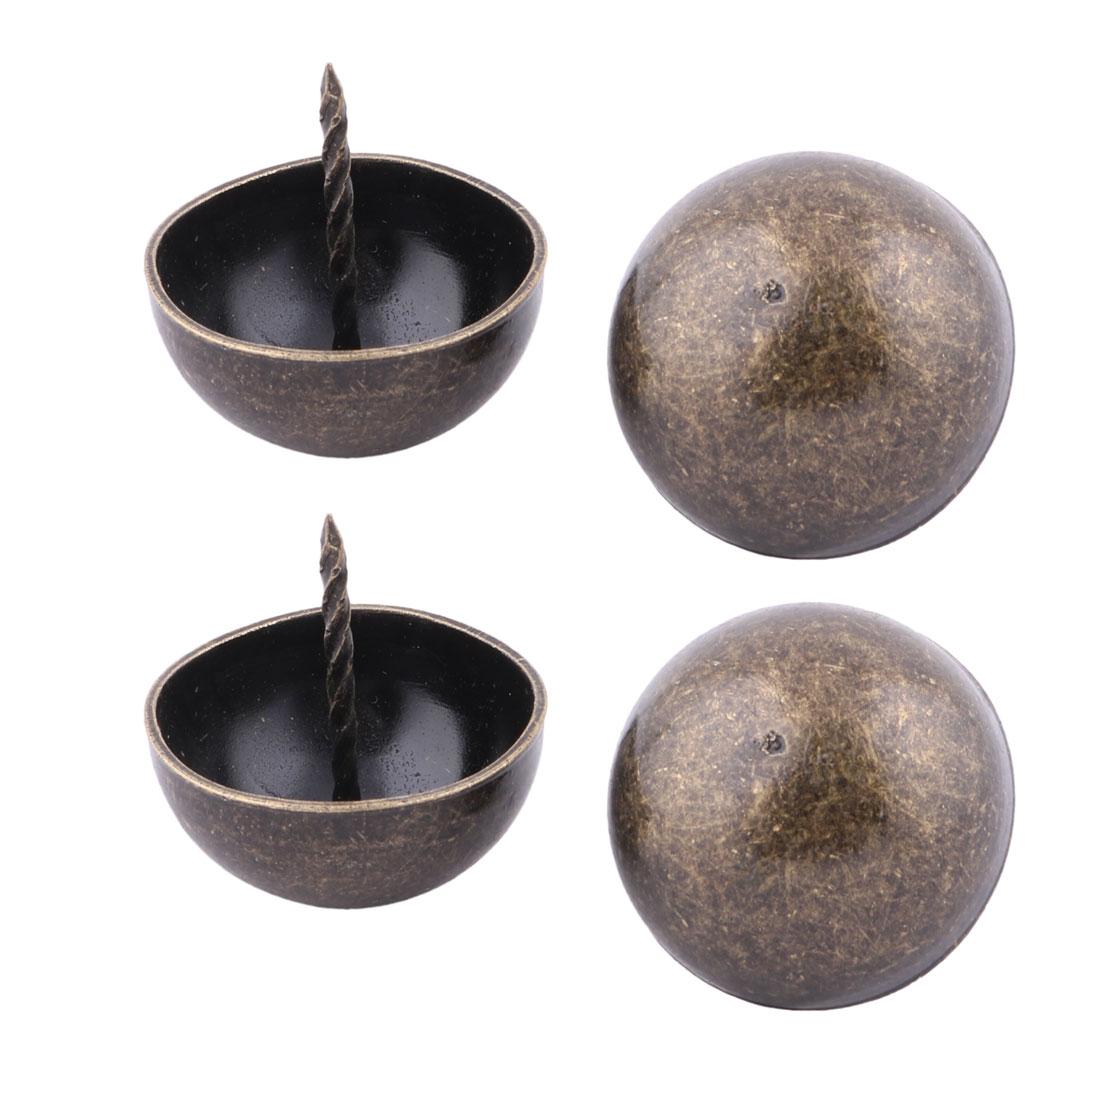 Household Metal Thumb Tack Nail Drum Decor Pushpin Bronze Tone 3 x 4.1cm 4pcs